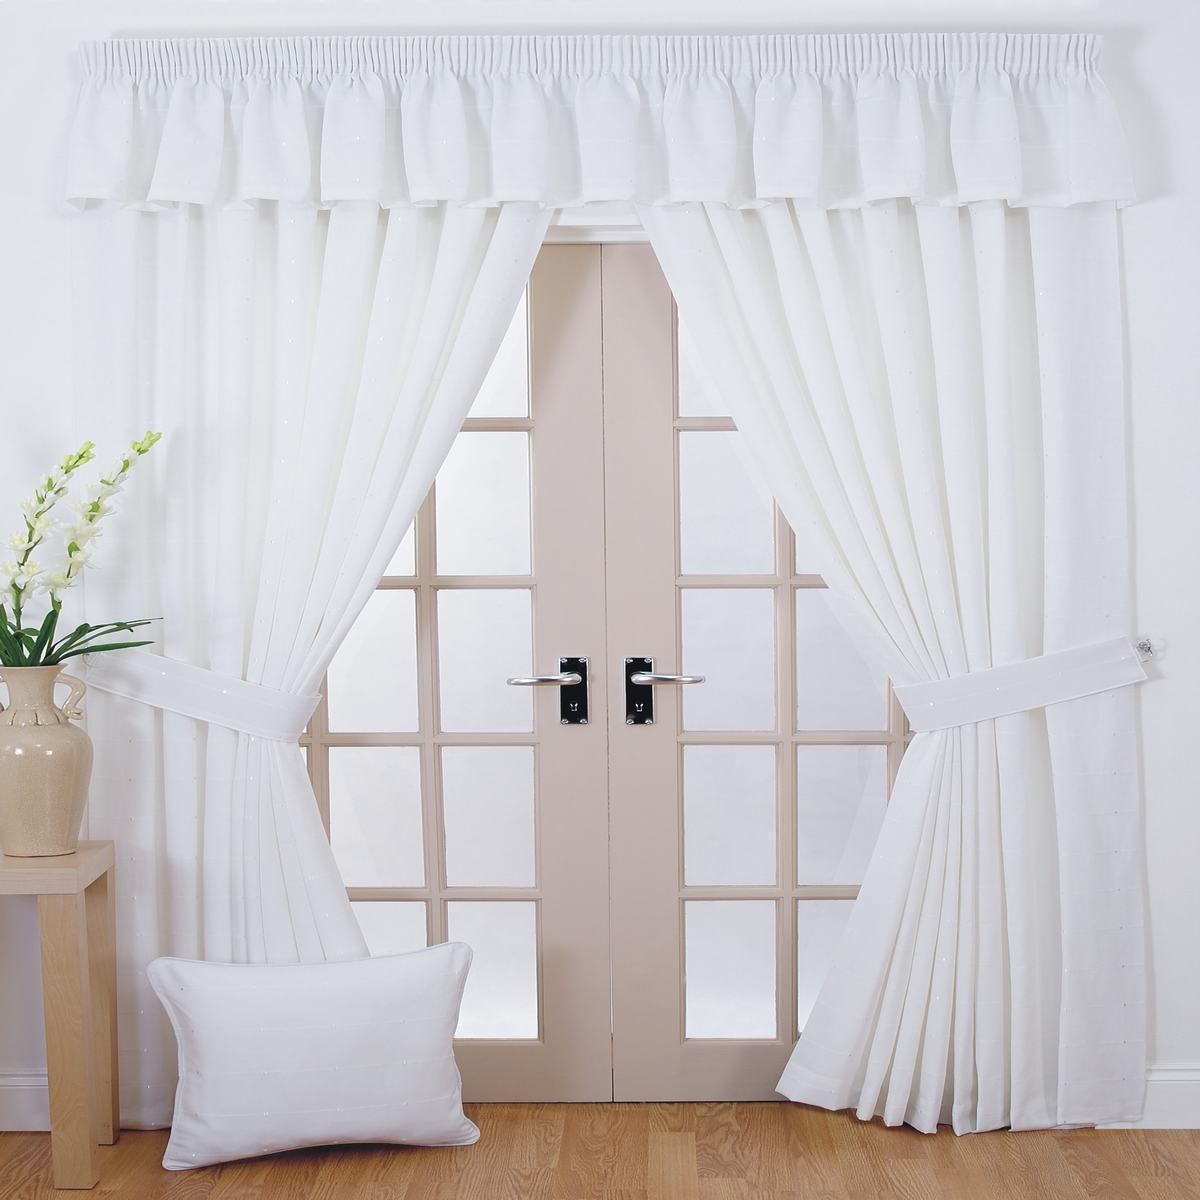 Jcpenney Window Treatments Sale